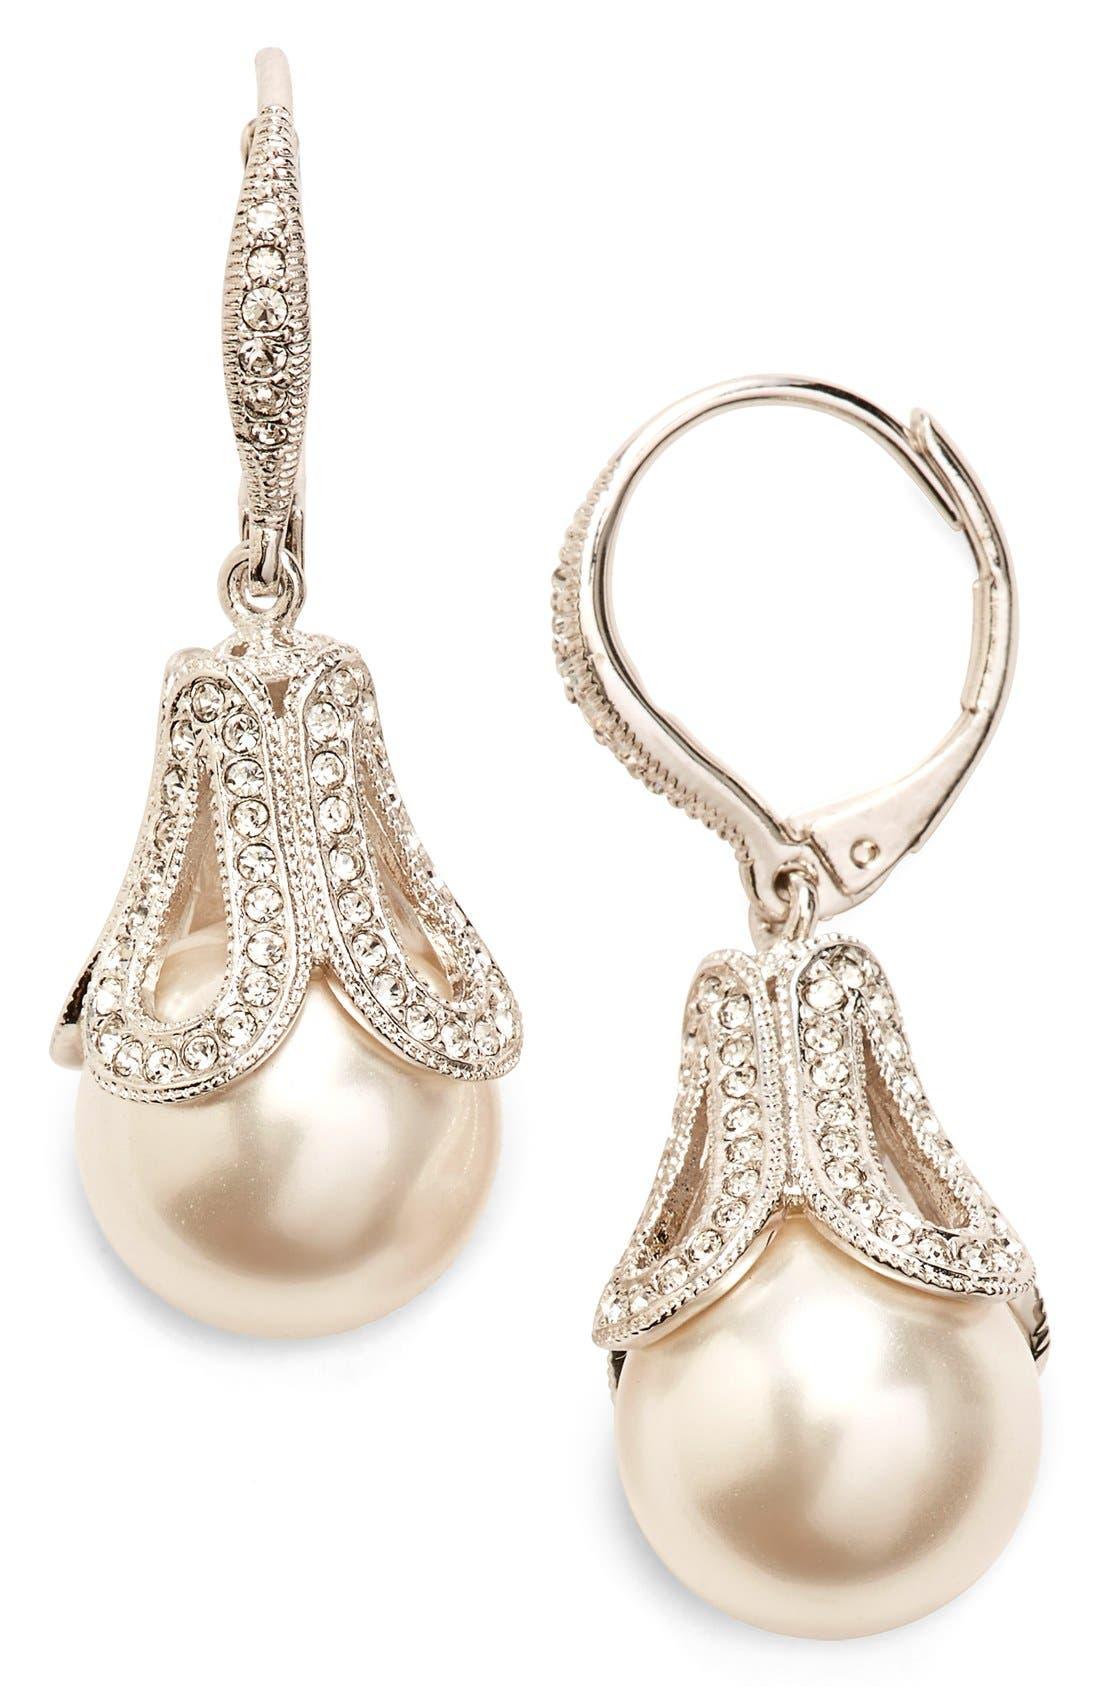 NADRI, Imitation Pearl Drop Earrings, Main thumbnail 1, color, 900